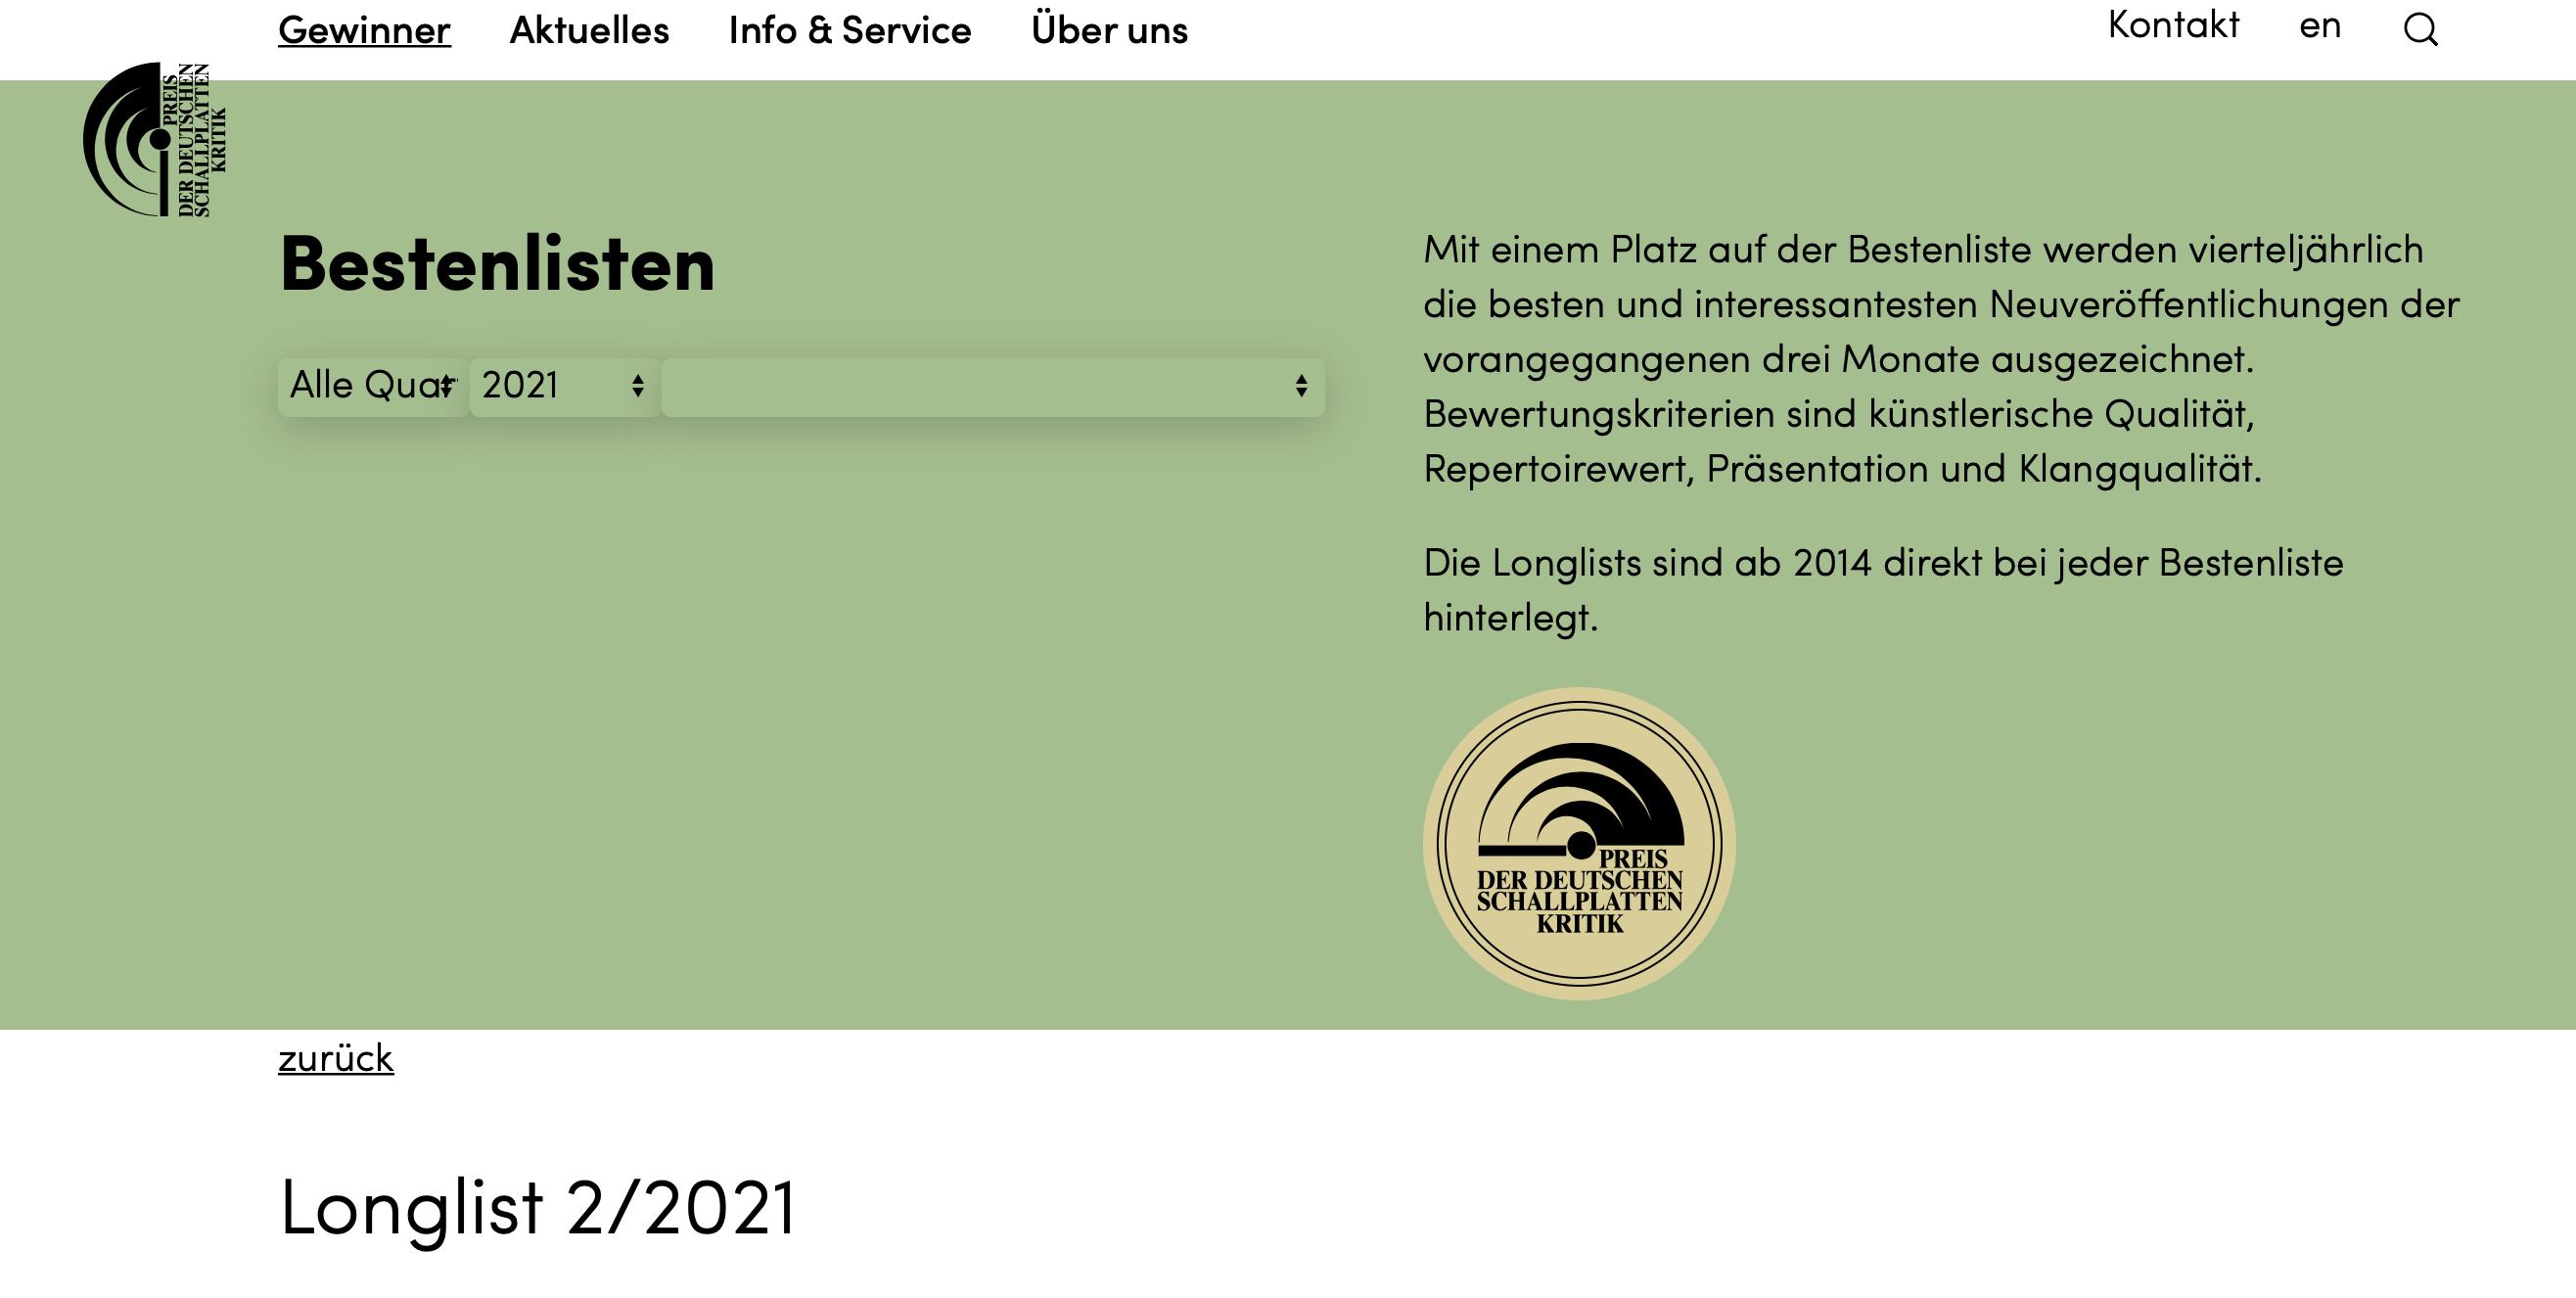 Screenshot 2021-06-07 at 16.47.17